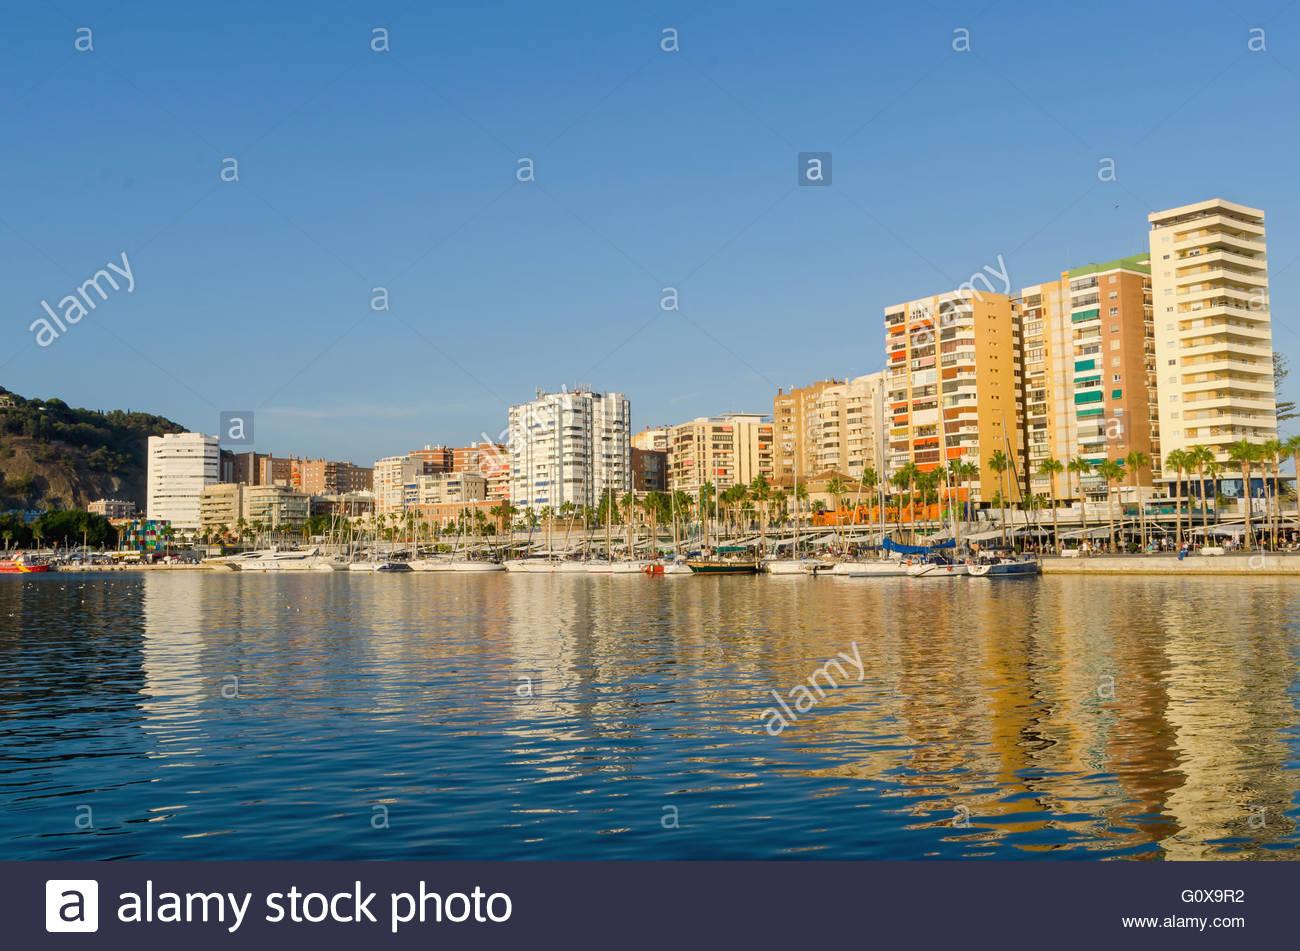 Bateaux amarrés dans le port de Malaga. Malaga, Andalousie, Espagne Photo Stock